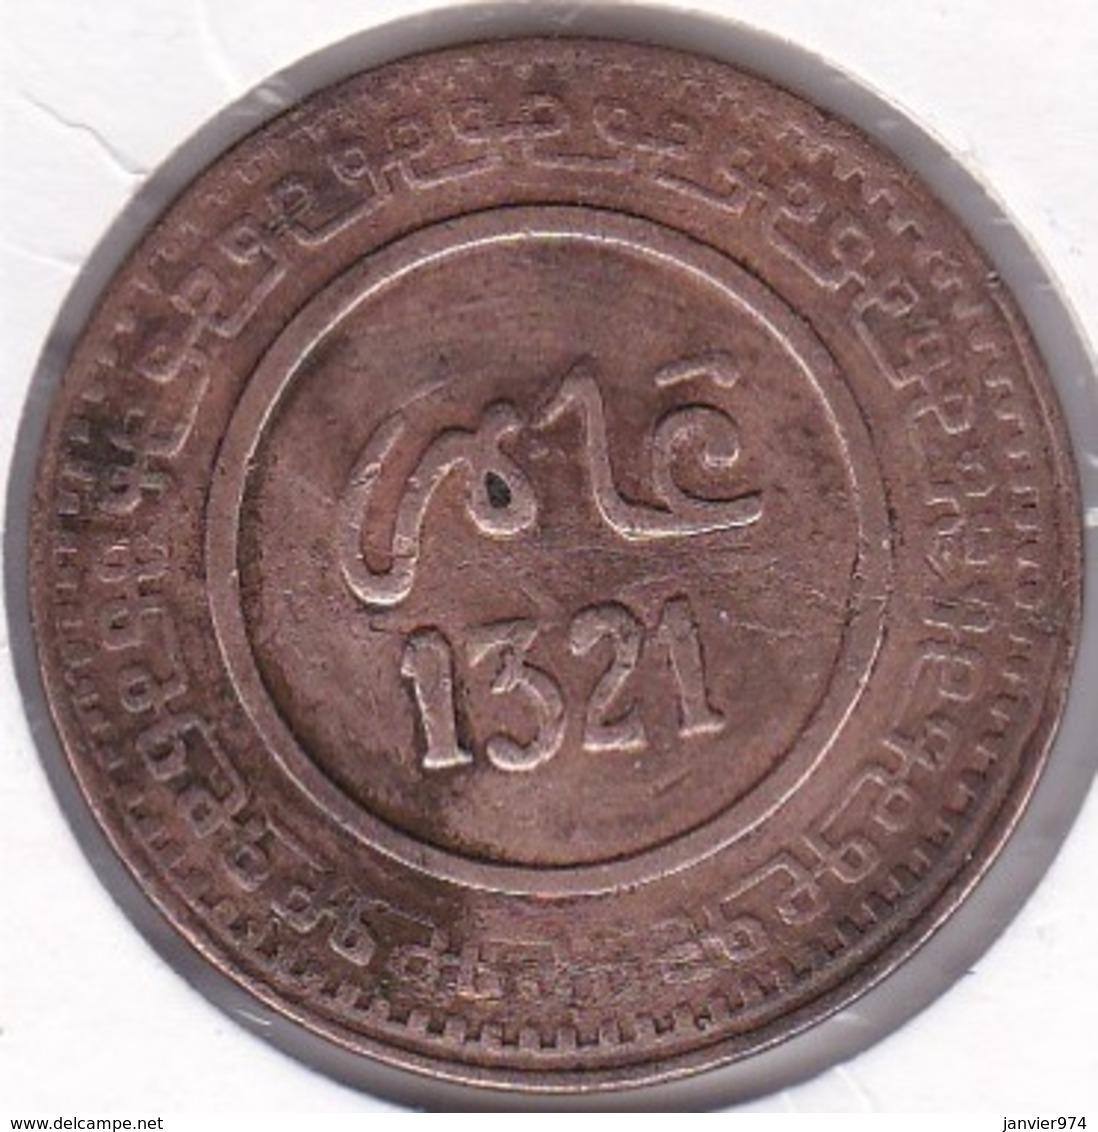 Maroc. 10 Mazunas (Mouzounas) HA 1321 (1903) FEZ. 2e Type. Abdul Aziz I - Maroc